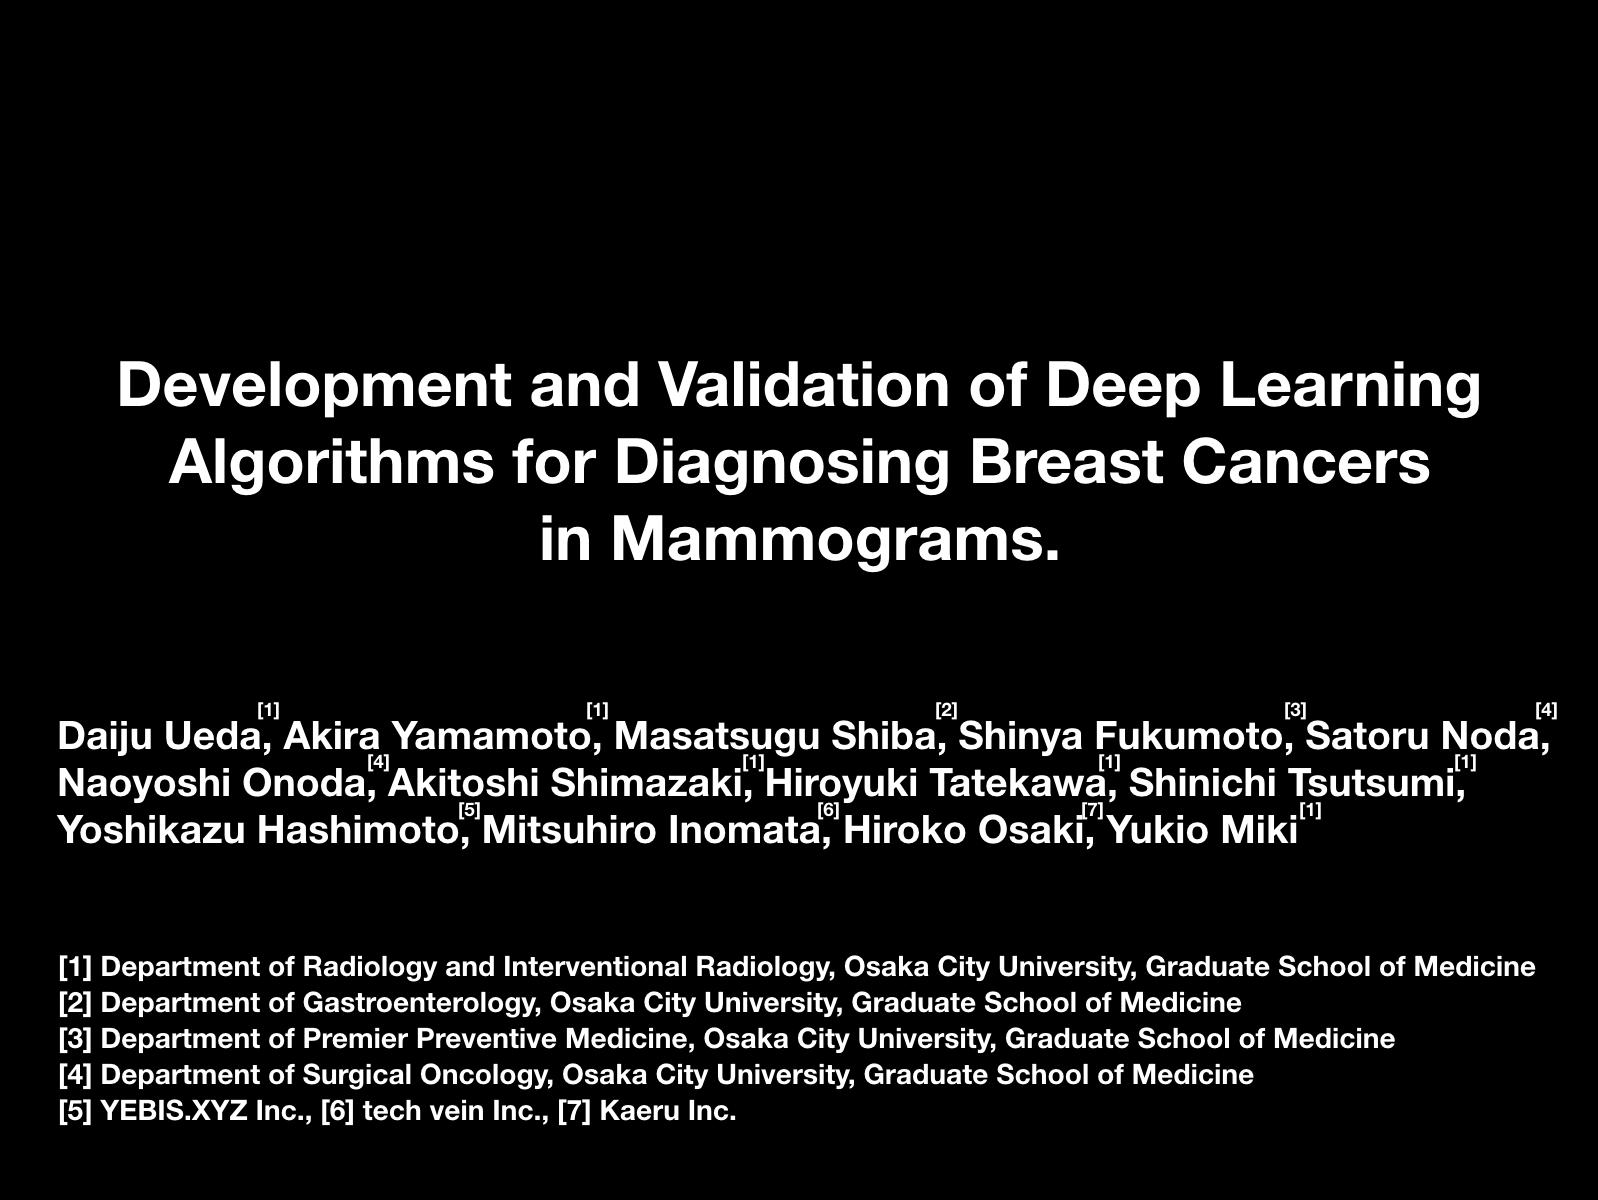 日本放射線学会でのディープラーニングによるマンモグラフィでの乳がん診断のスライド(一部)